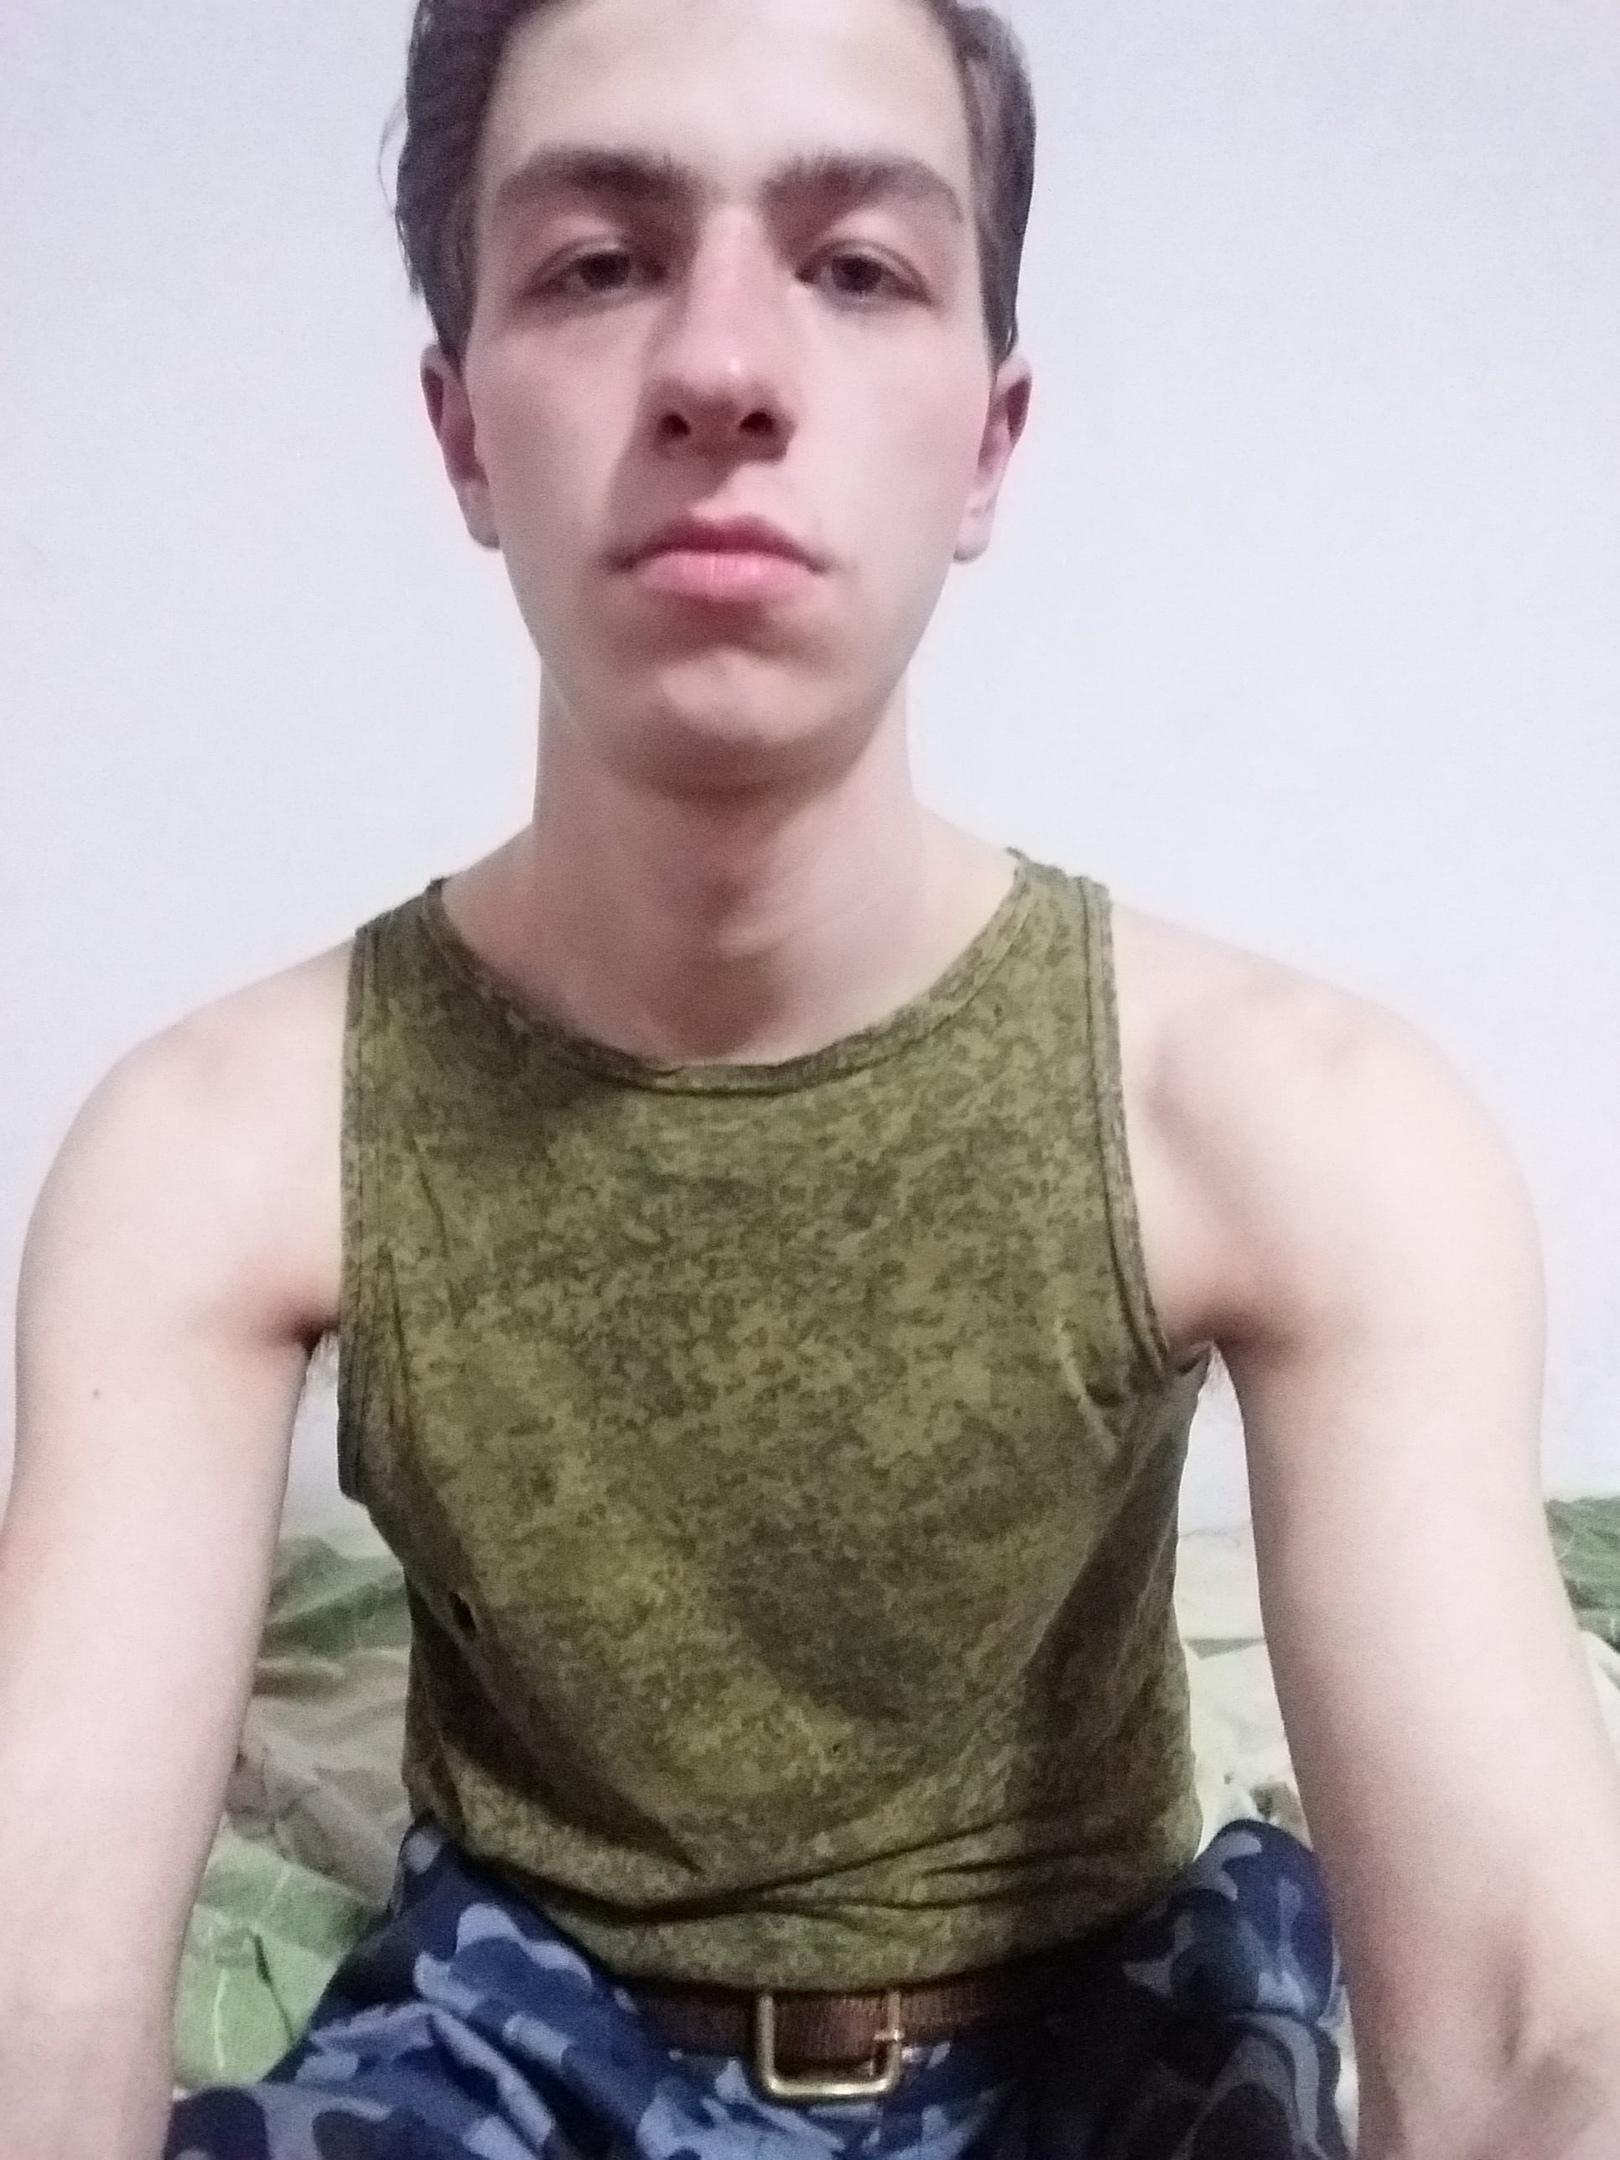 Vladimir, 20, Donetsk